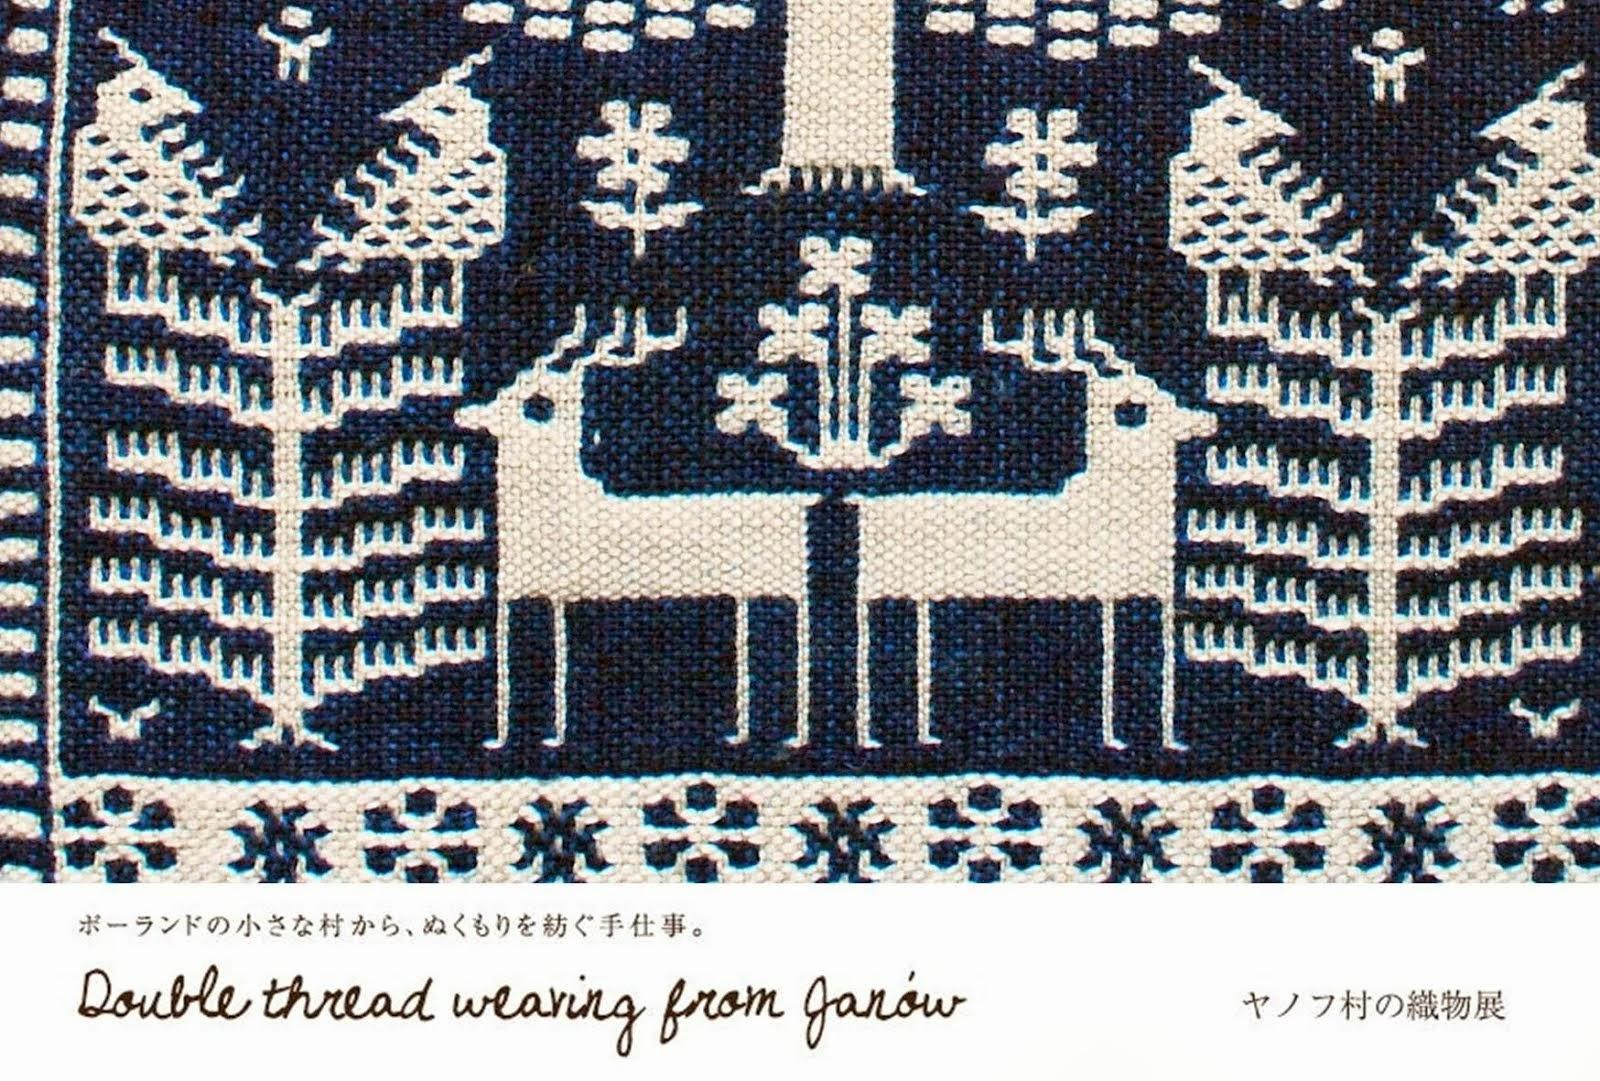 ヤノフ村の織物展2013-2014